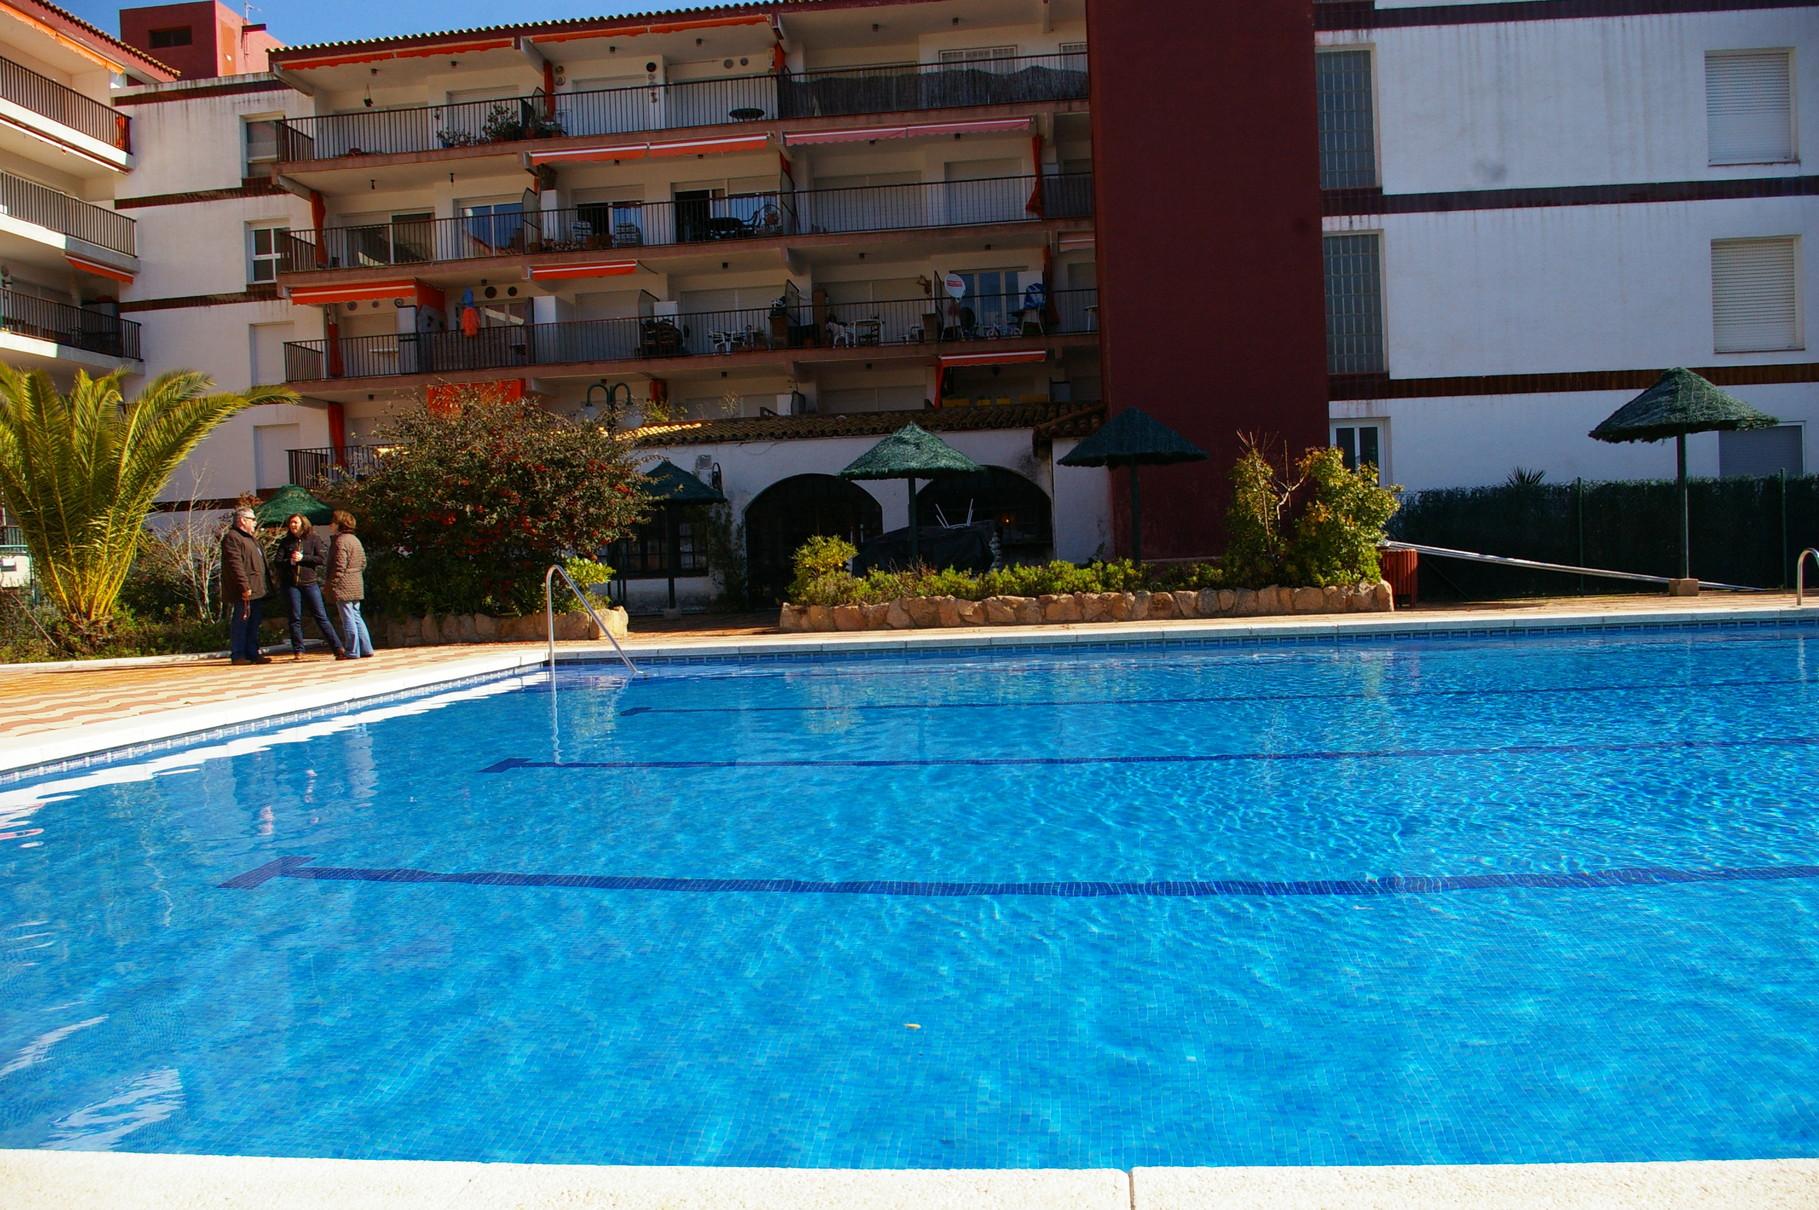 Piscina / Piscine / Pool